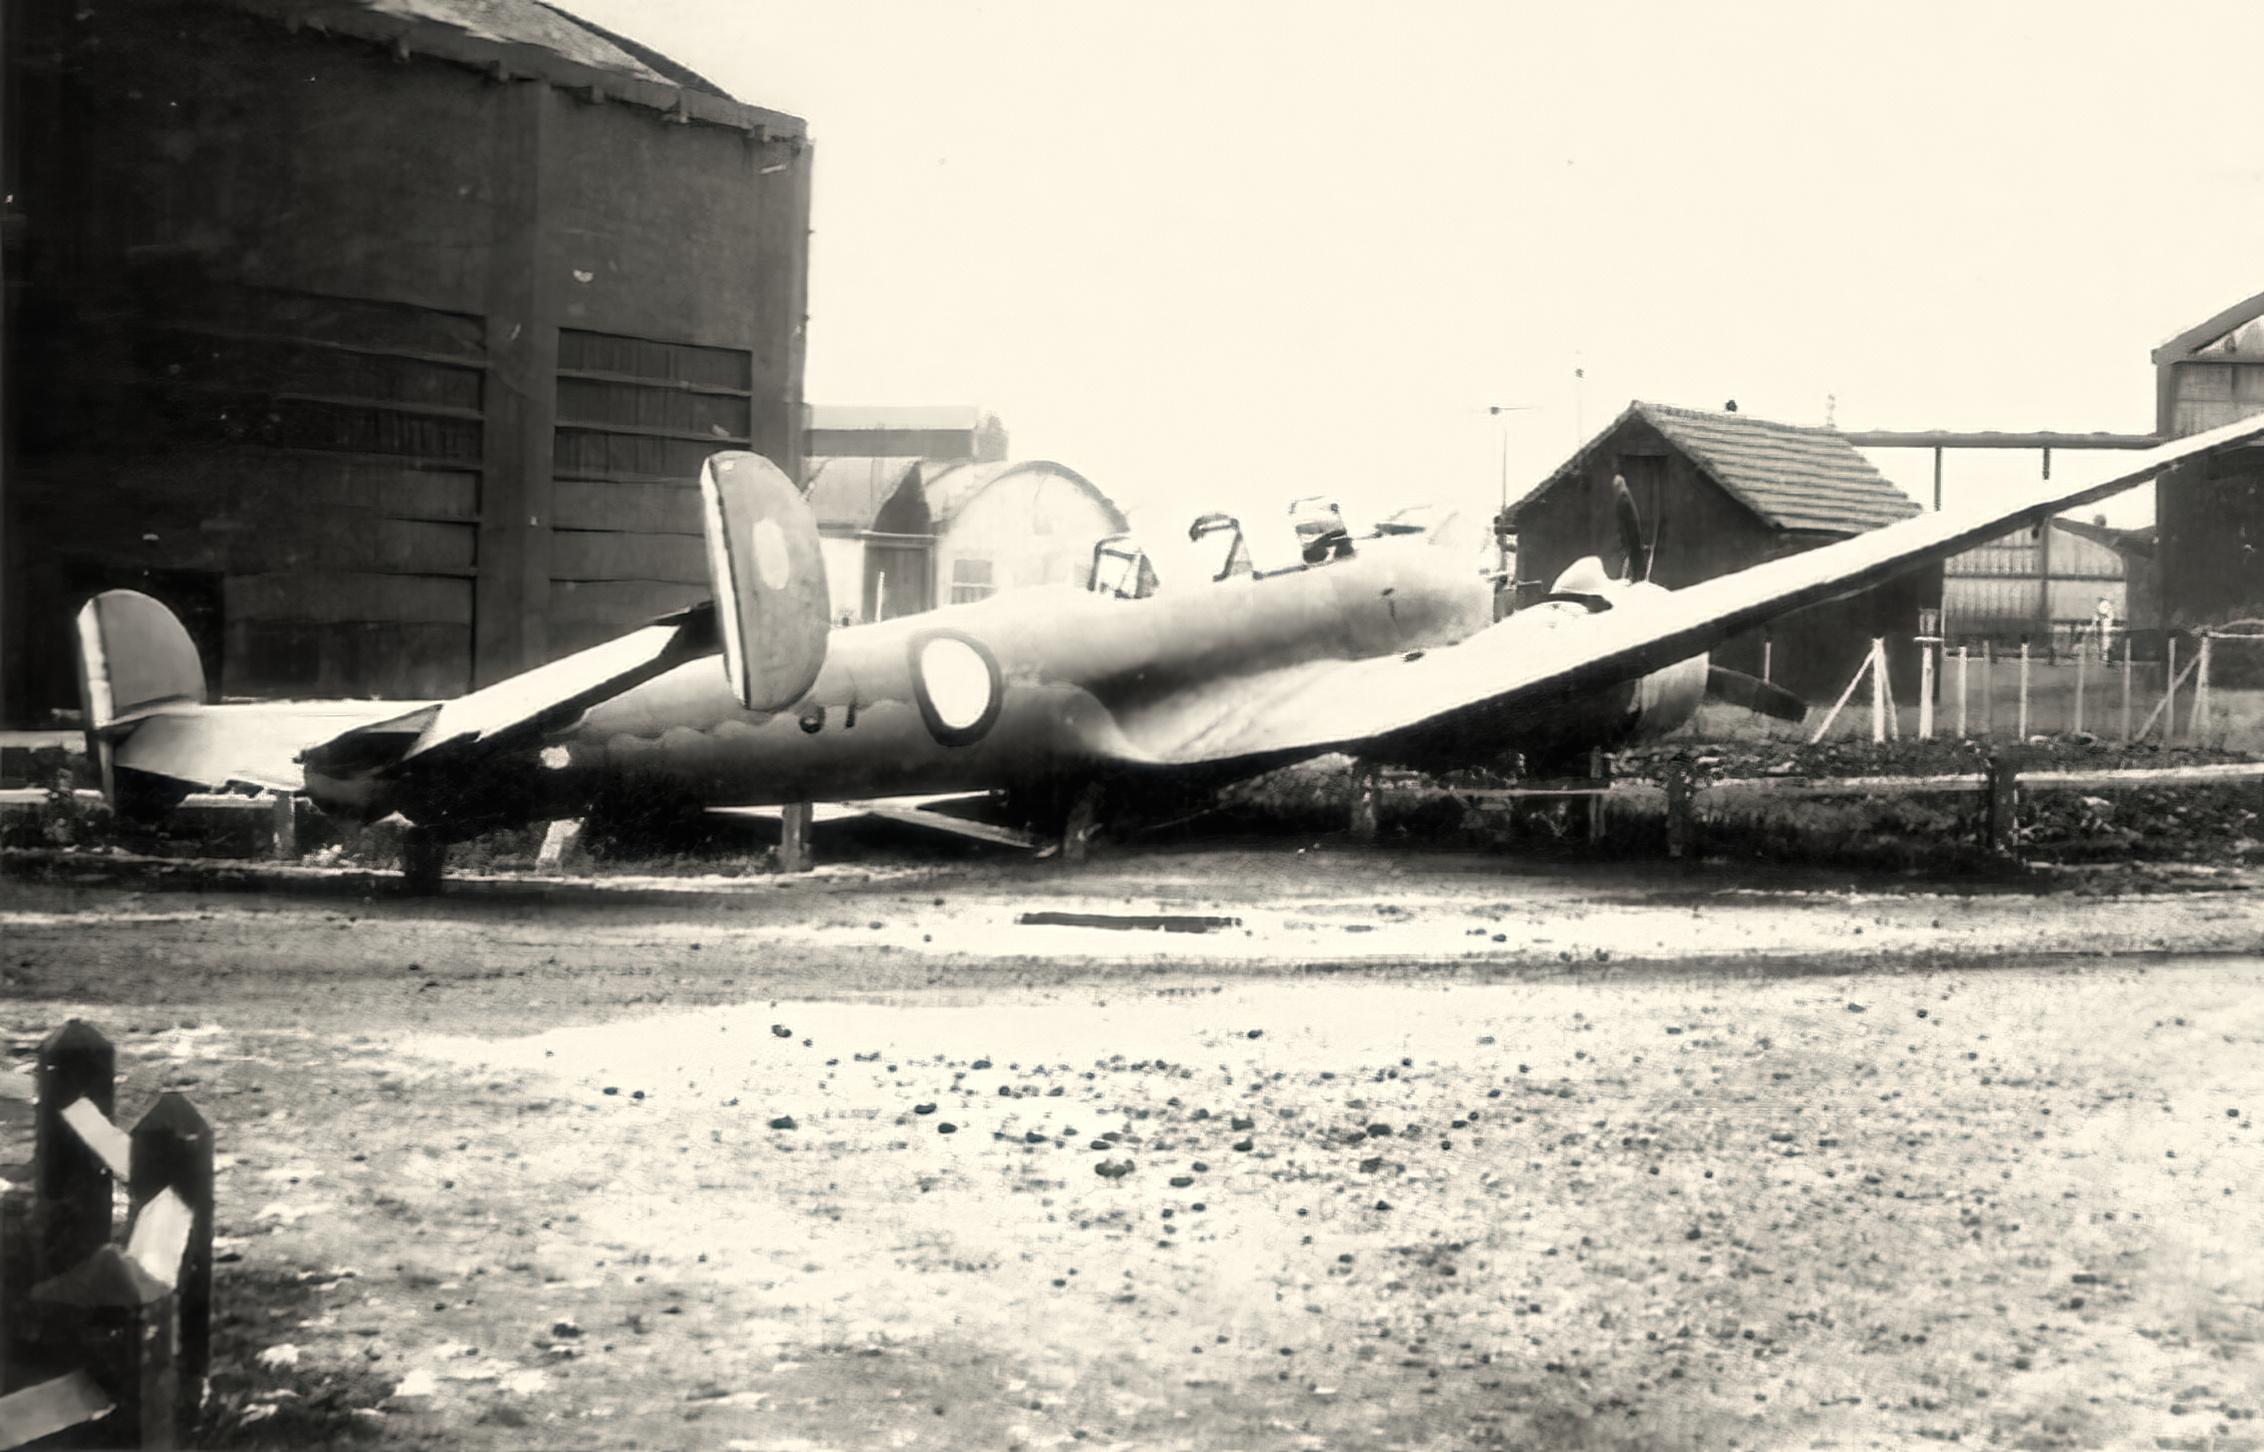 French Airforce Potez 630 Black 57 abandoned battle of France 1940 ebay 01